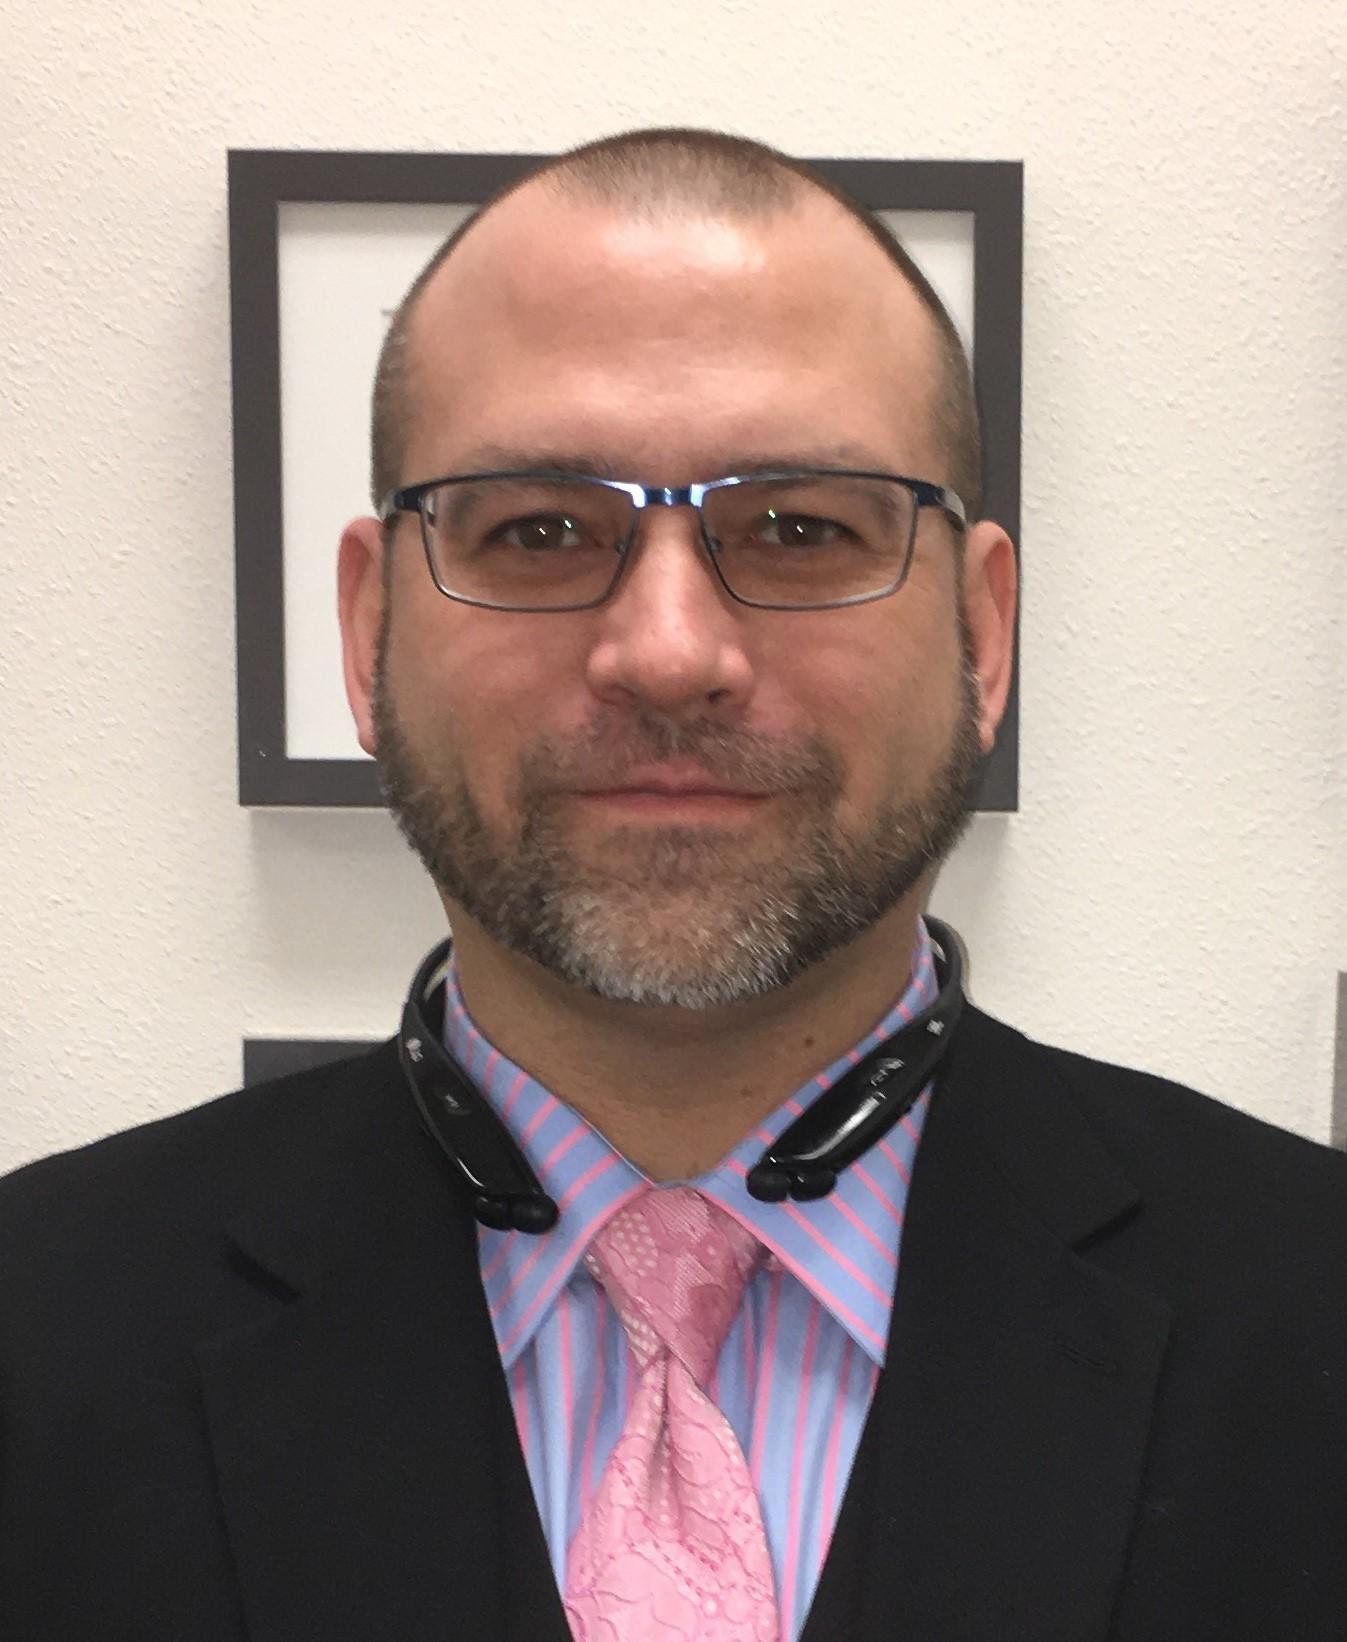 Dan Lara, Dean of Academics and Workforce